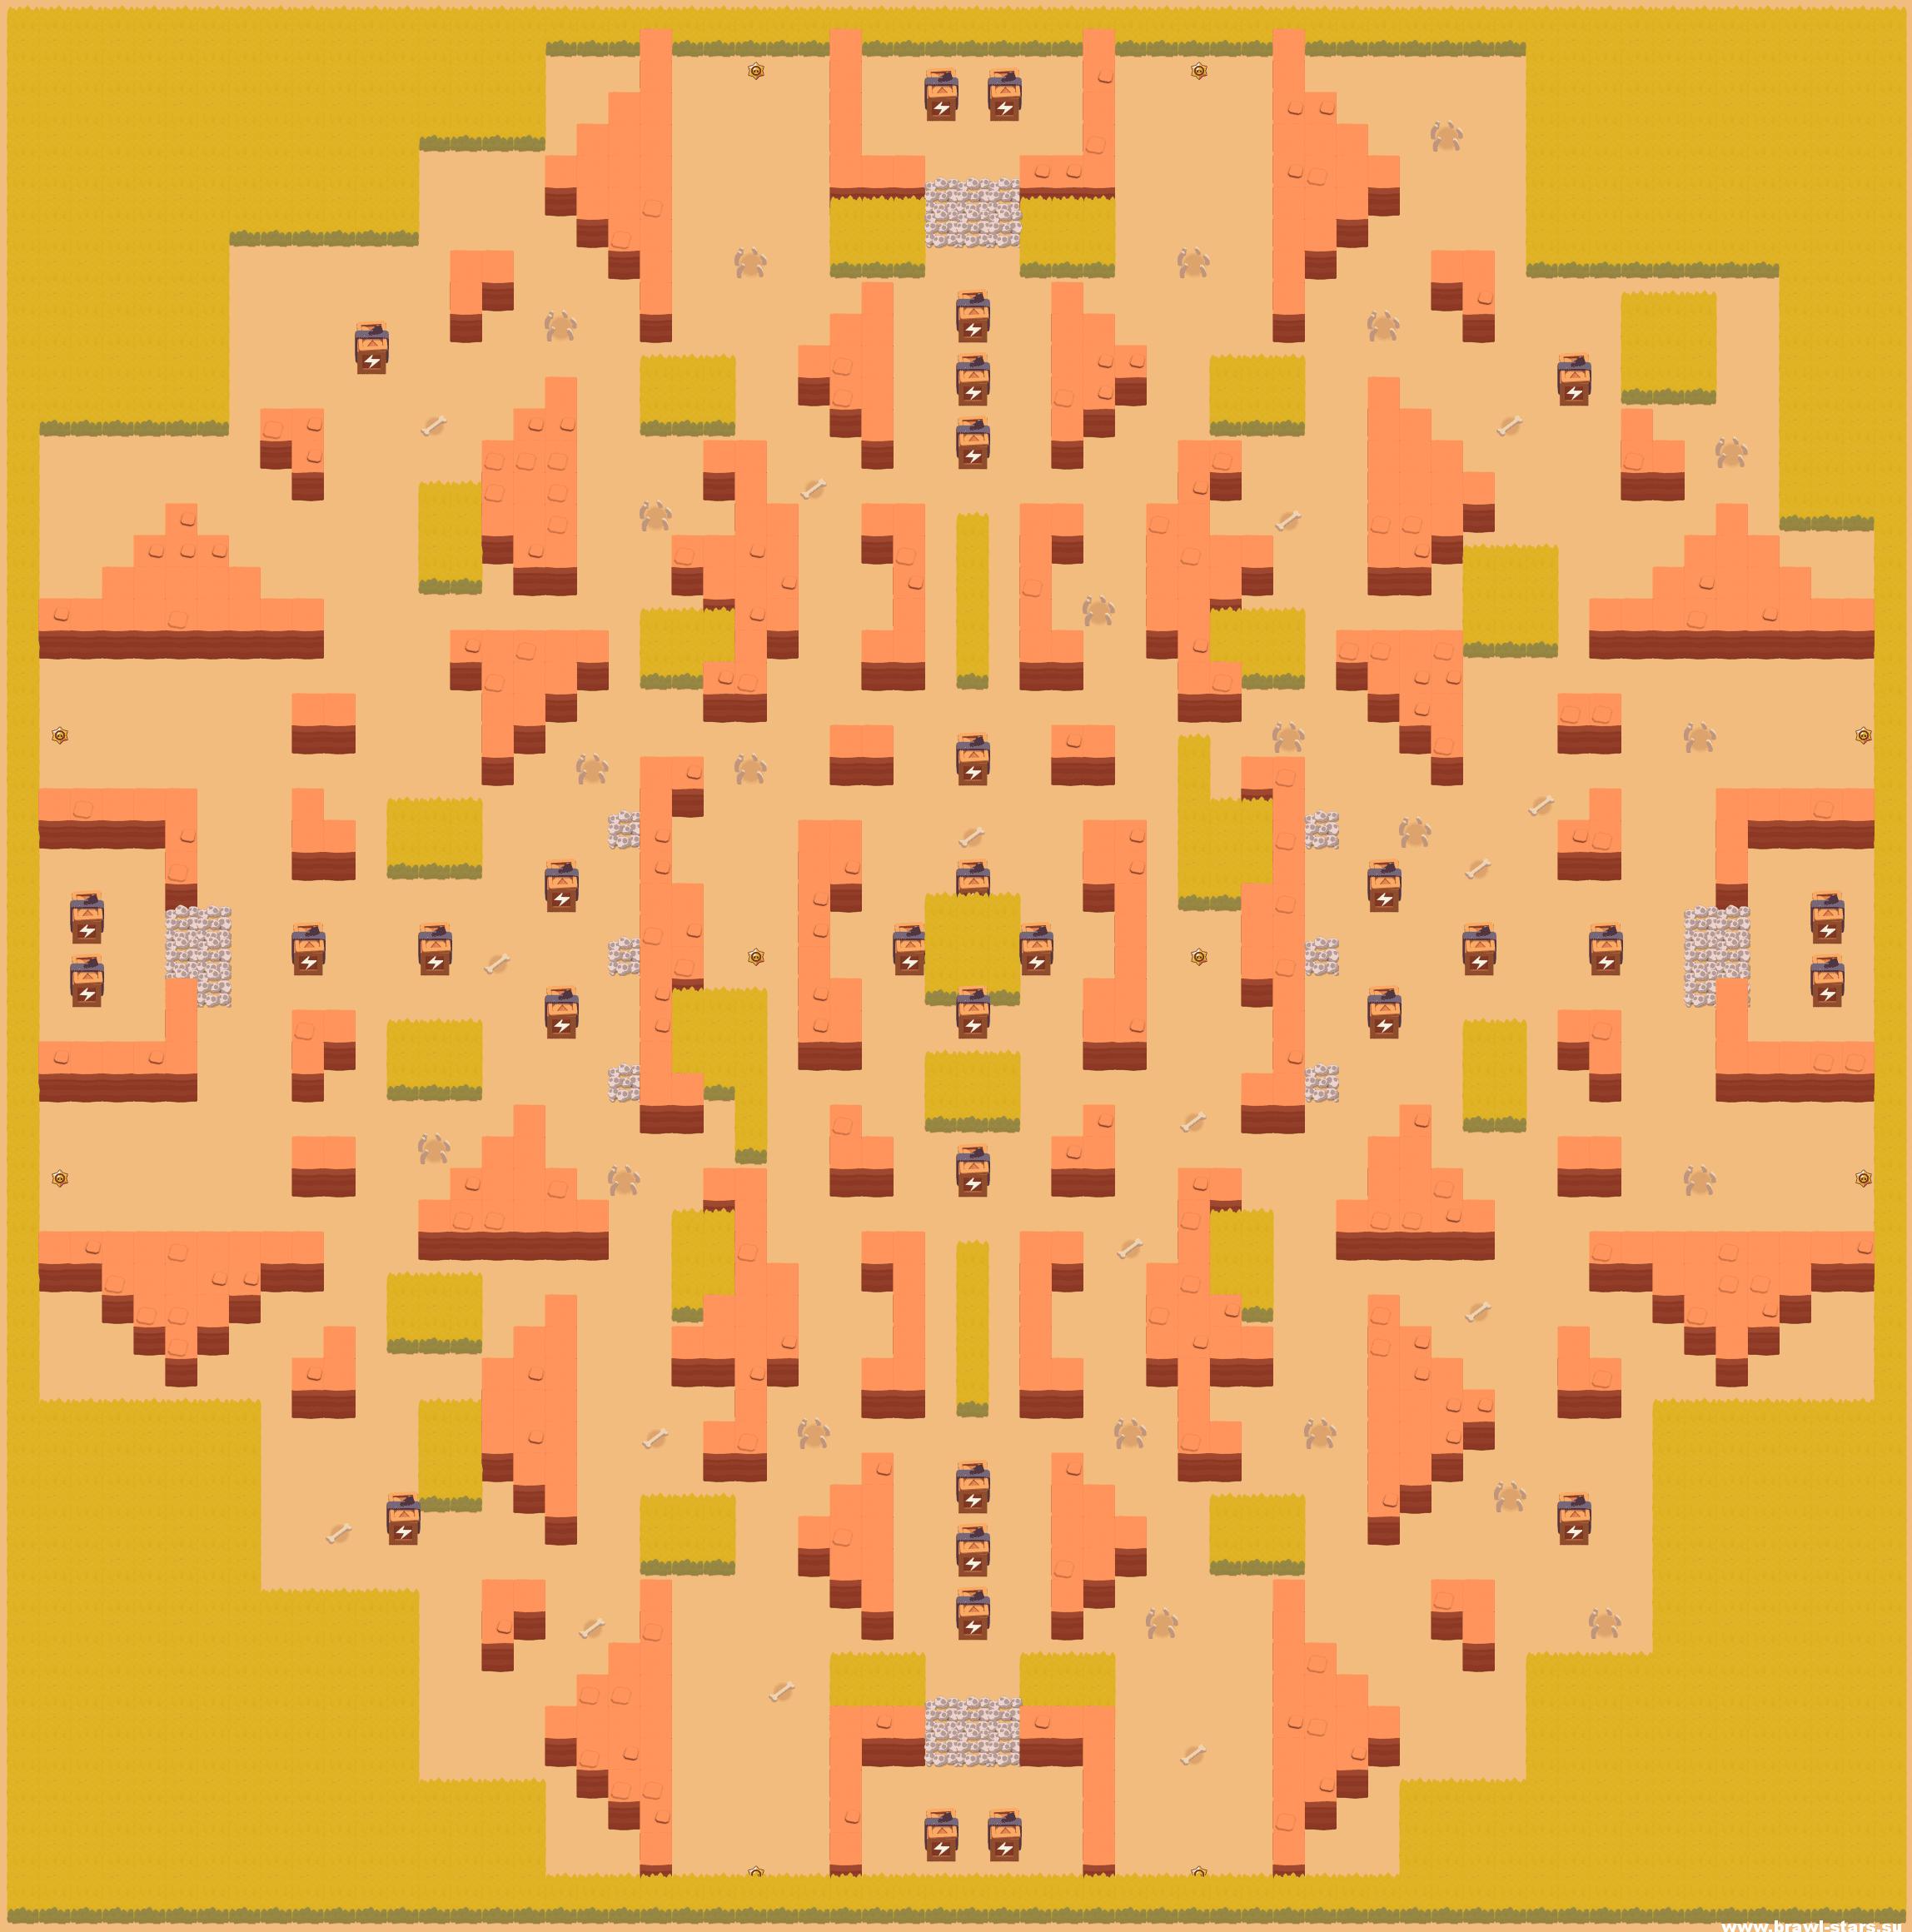 map_Survival_DEATH_VALLEY